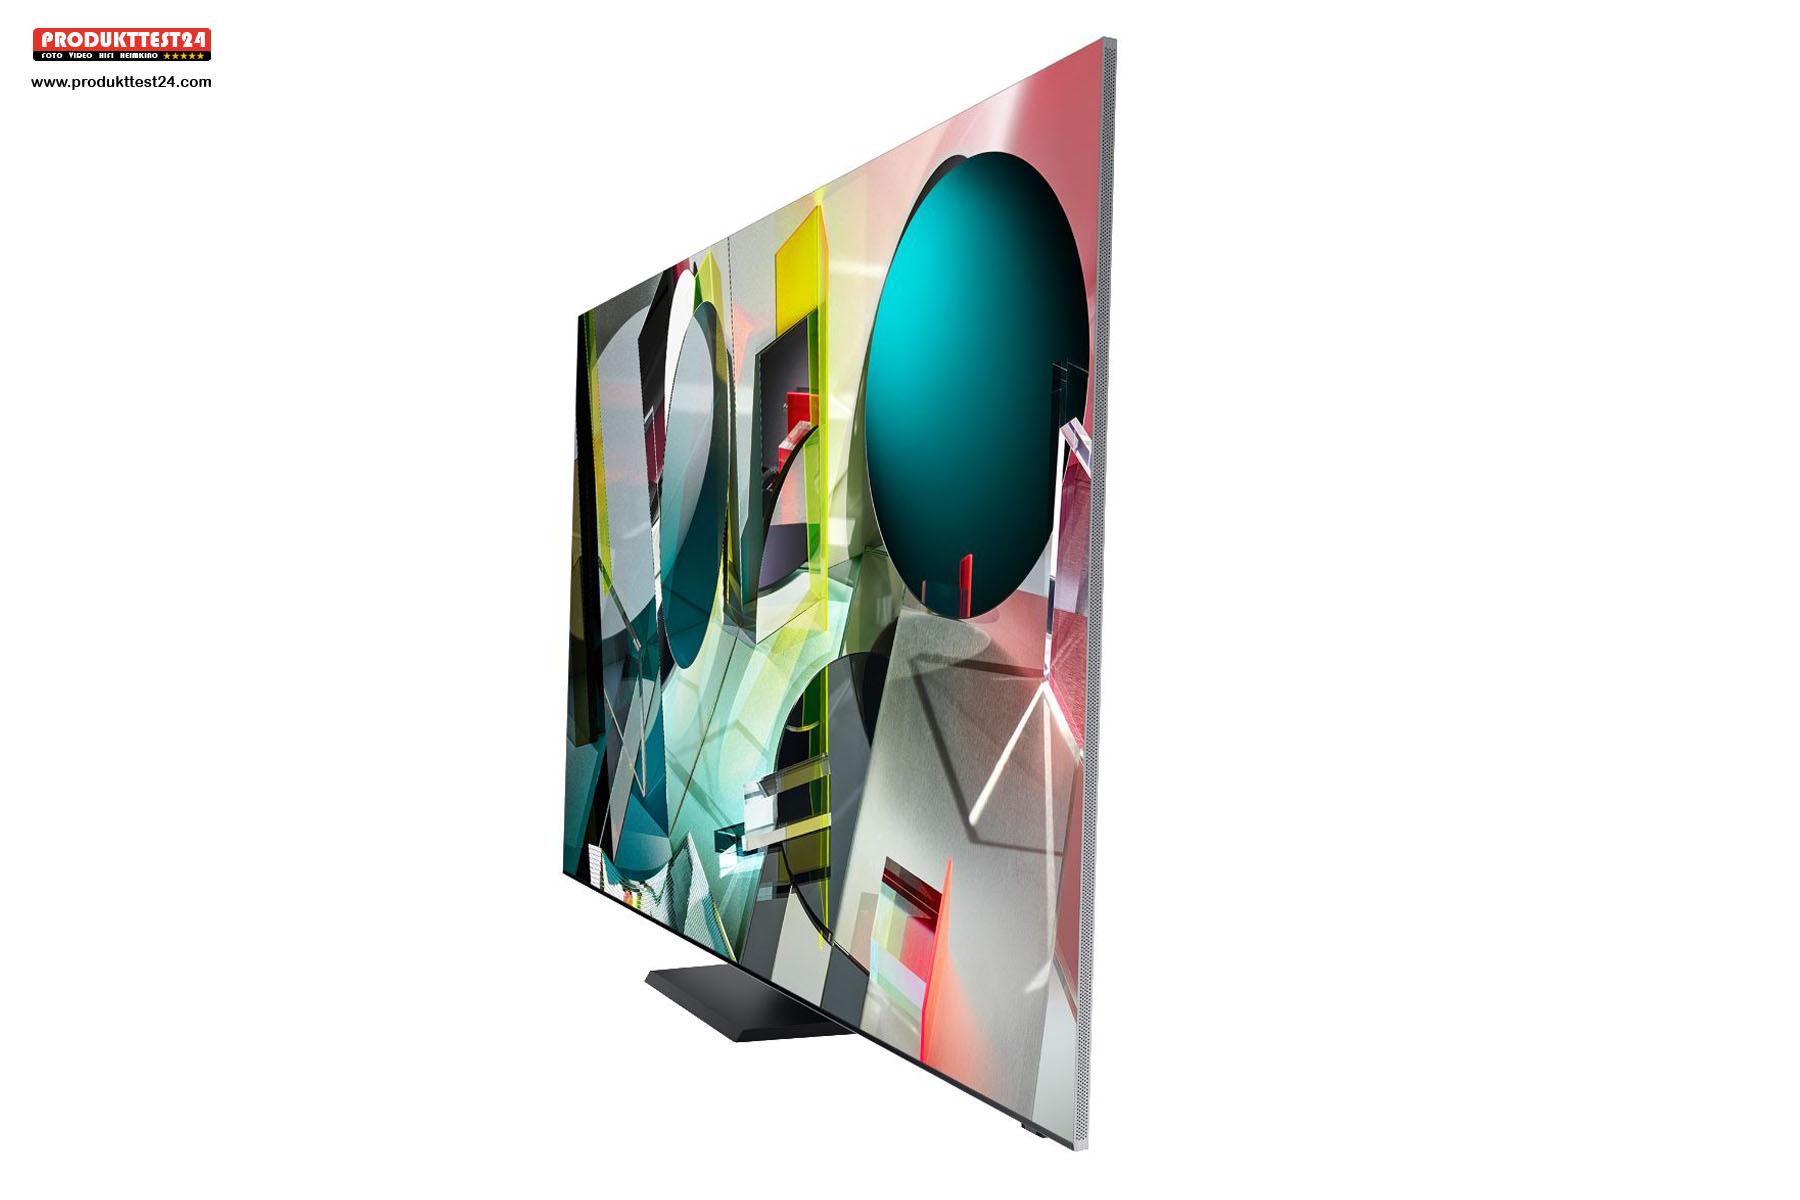 Der Samsung GQ75Q950T besitzt ein extrem flaches Gehäuse mit einer Tiefe von nur 1,5 cm